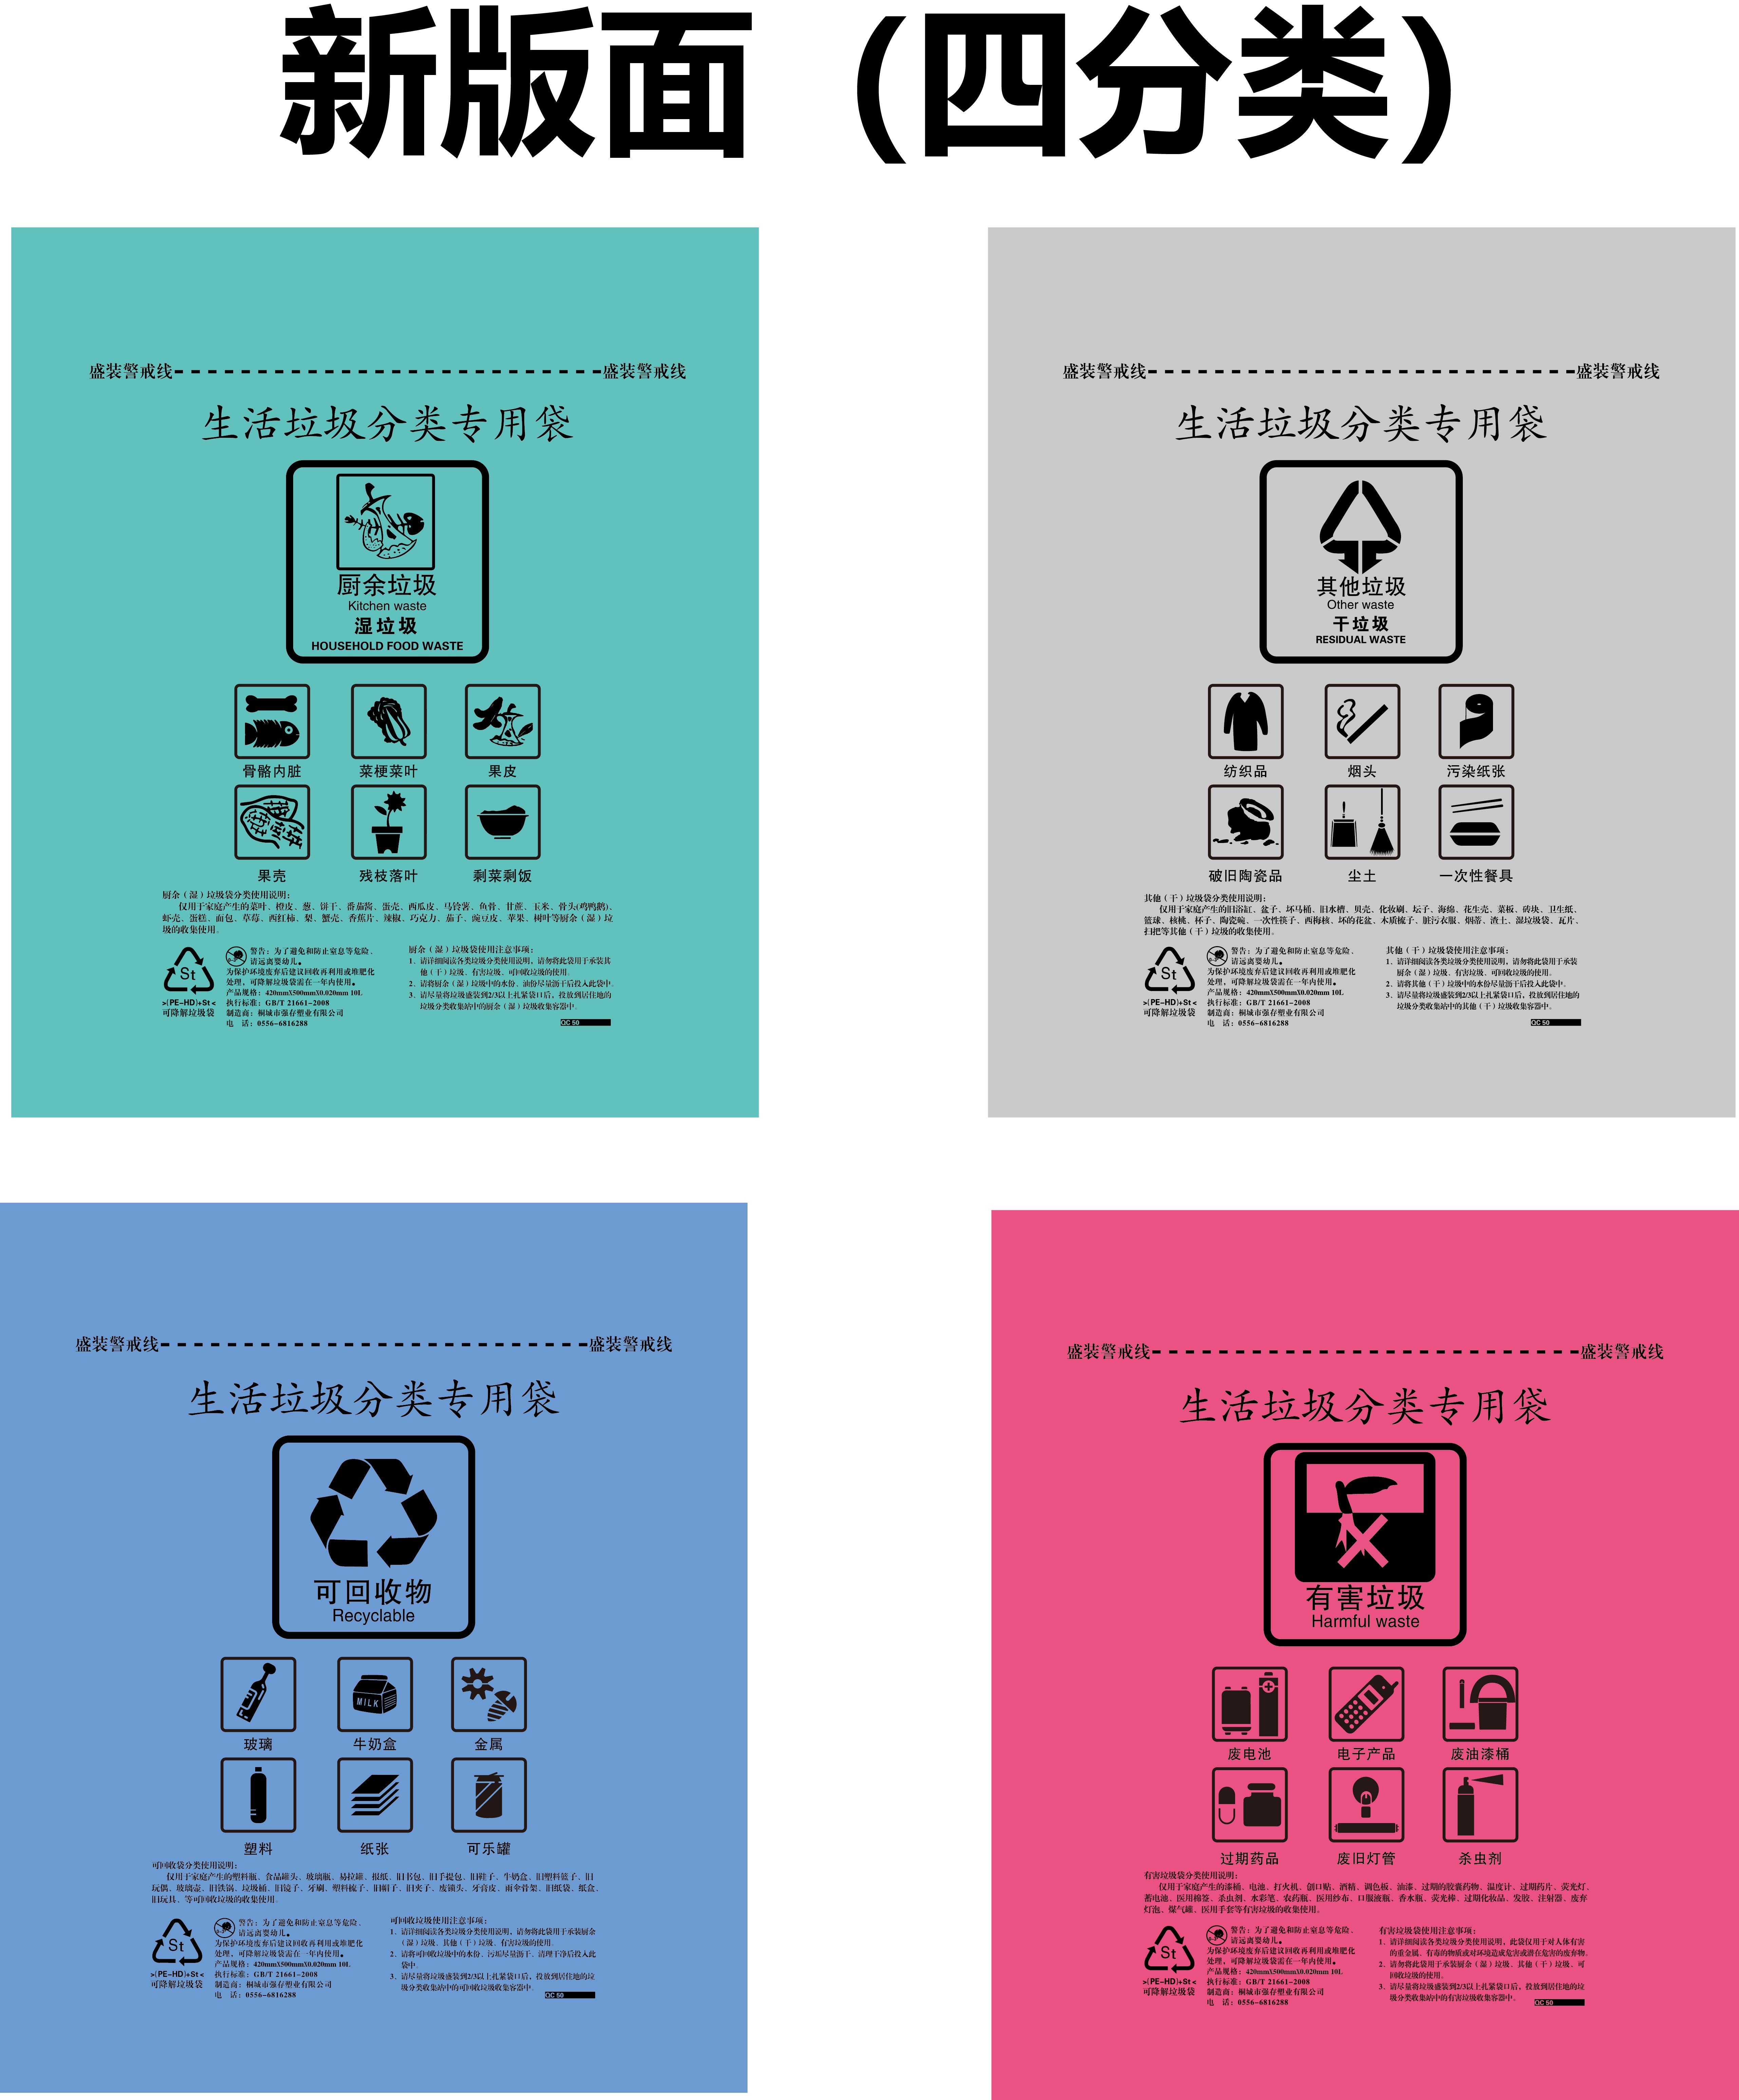 厨余垃圾袋社区发放加厚干湿分类环保家用定製批发厨房专用可降解详细照片